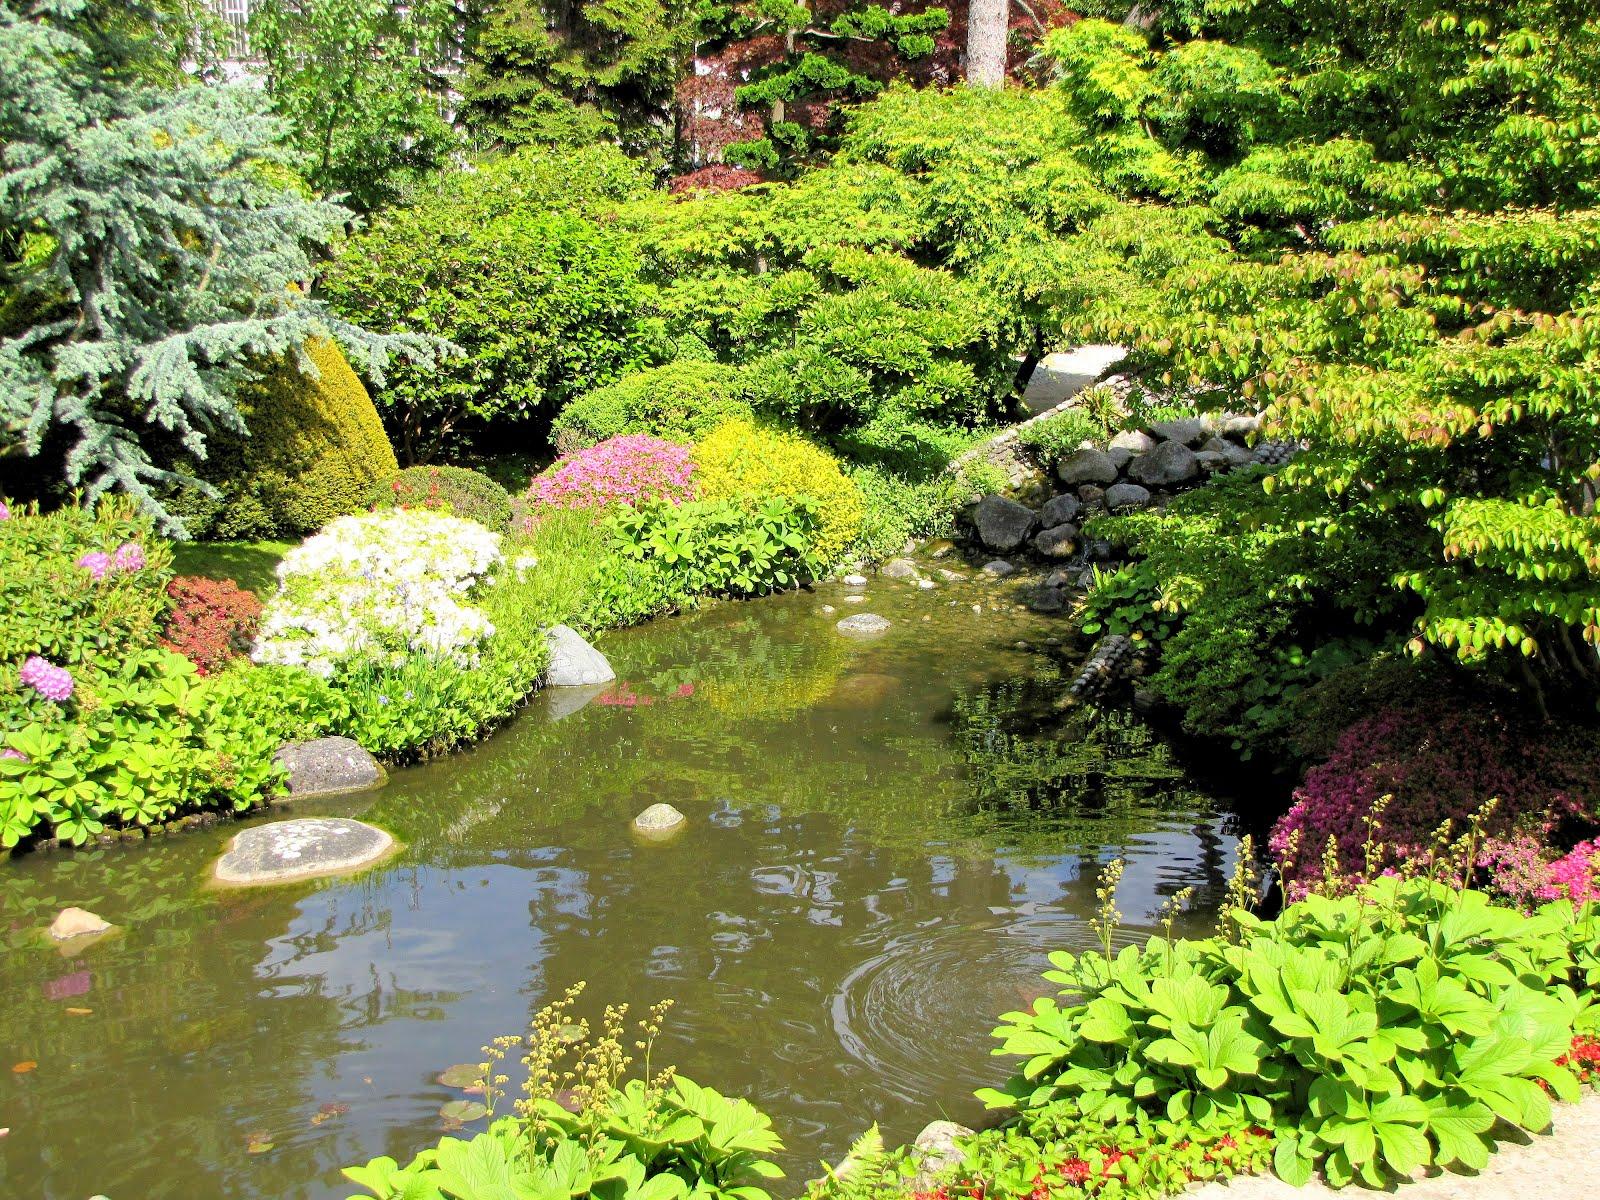 etang japonais aux jardins d 39 albert kahn paysages et fleurs au fil de l 39 eau. Black Bedroom Furniture Sets. Home Design Ideas